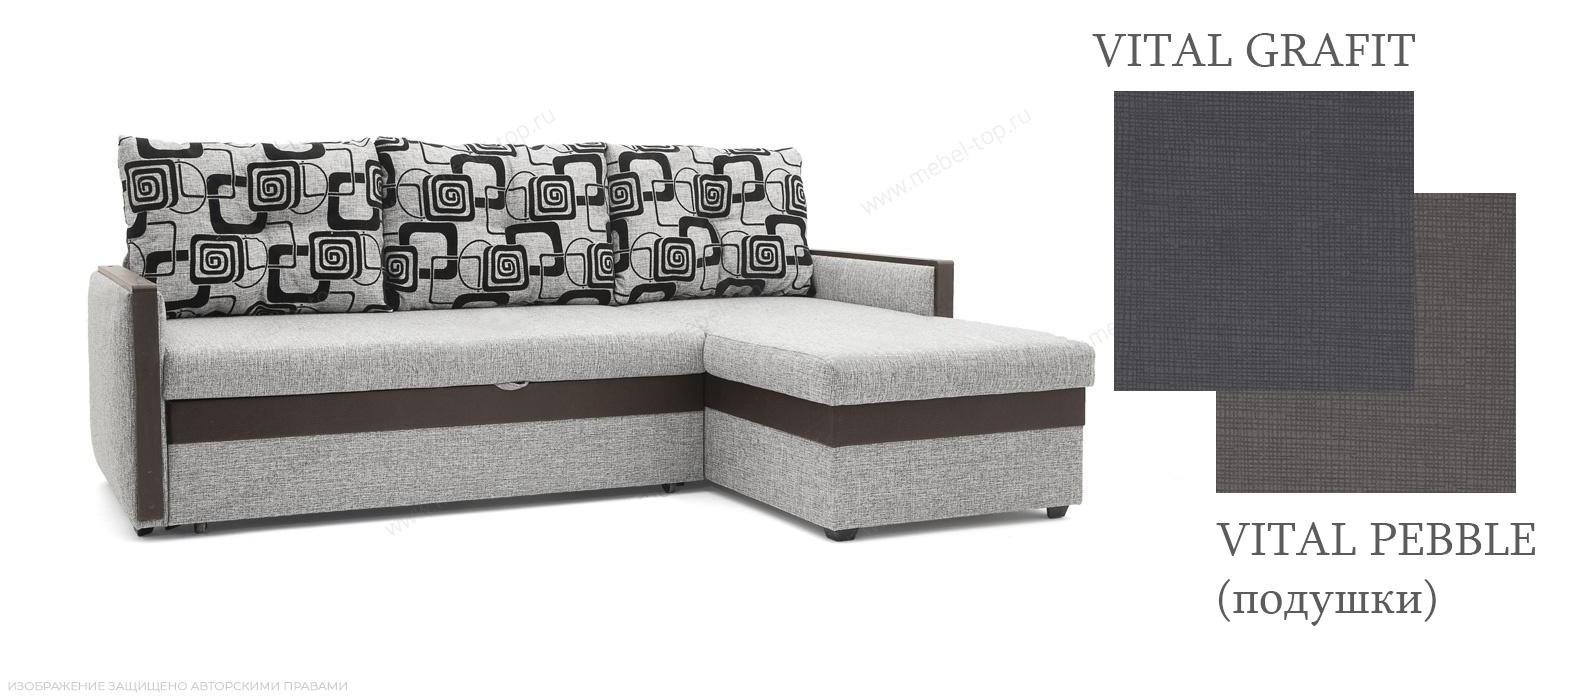 Угловой диван Джексон Vital — Угловой диван Джексон